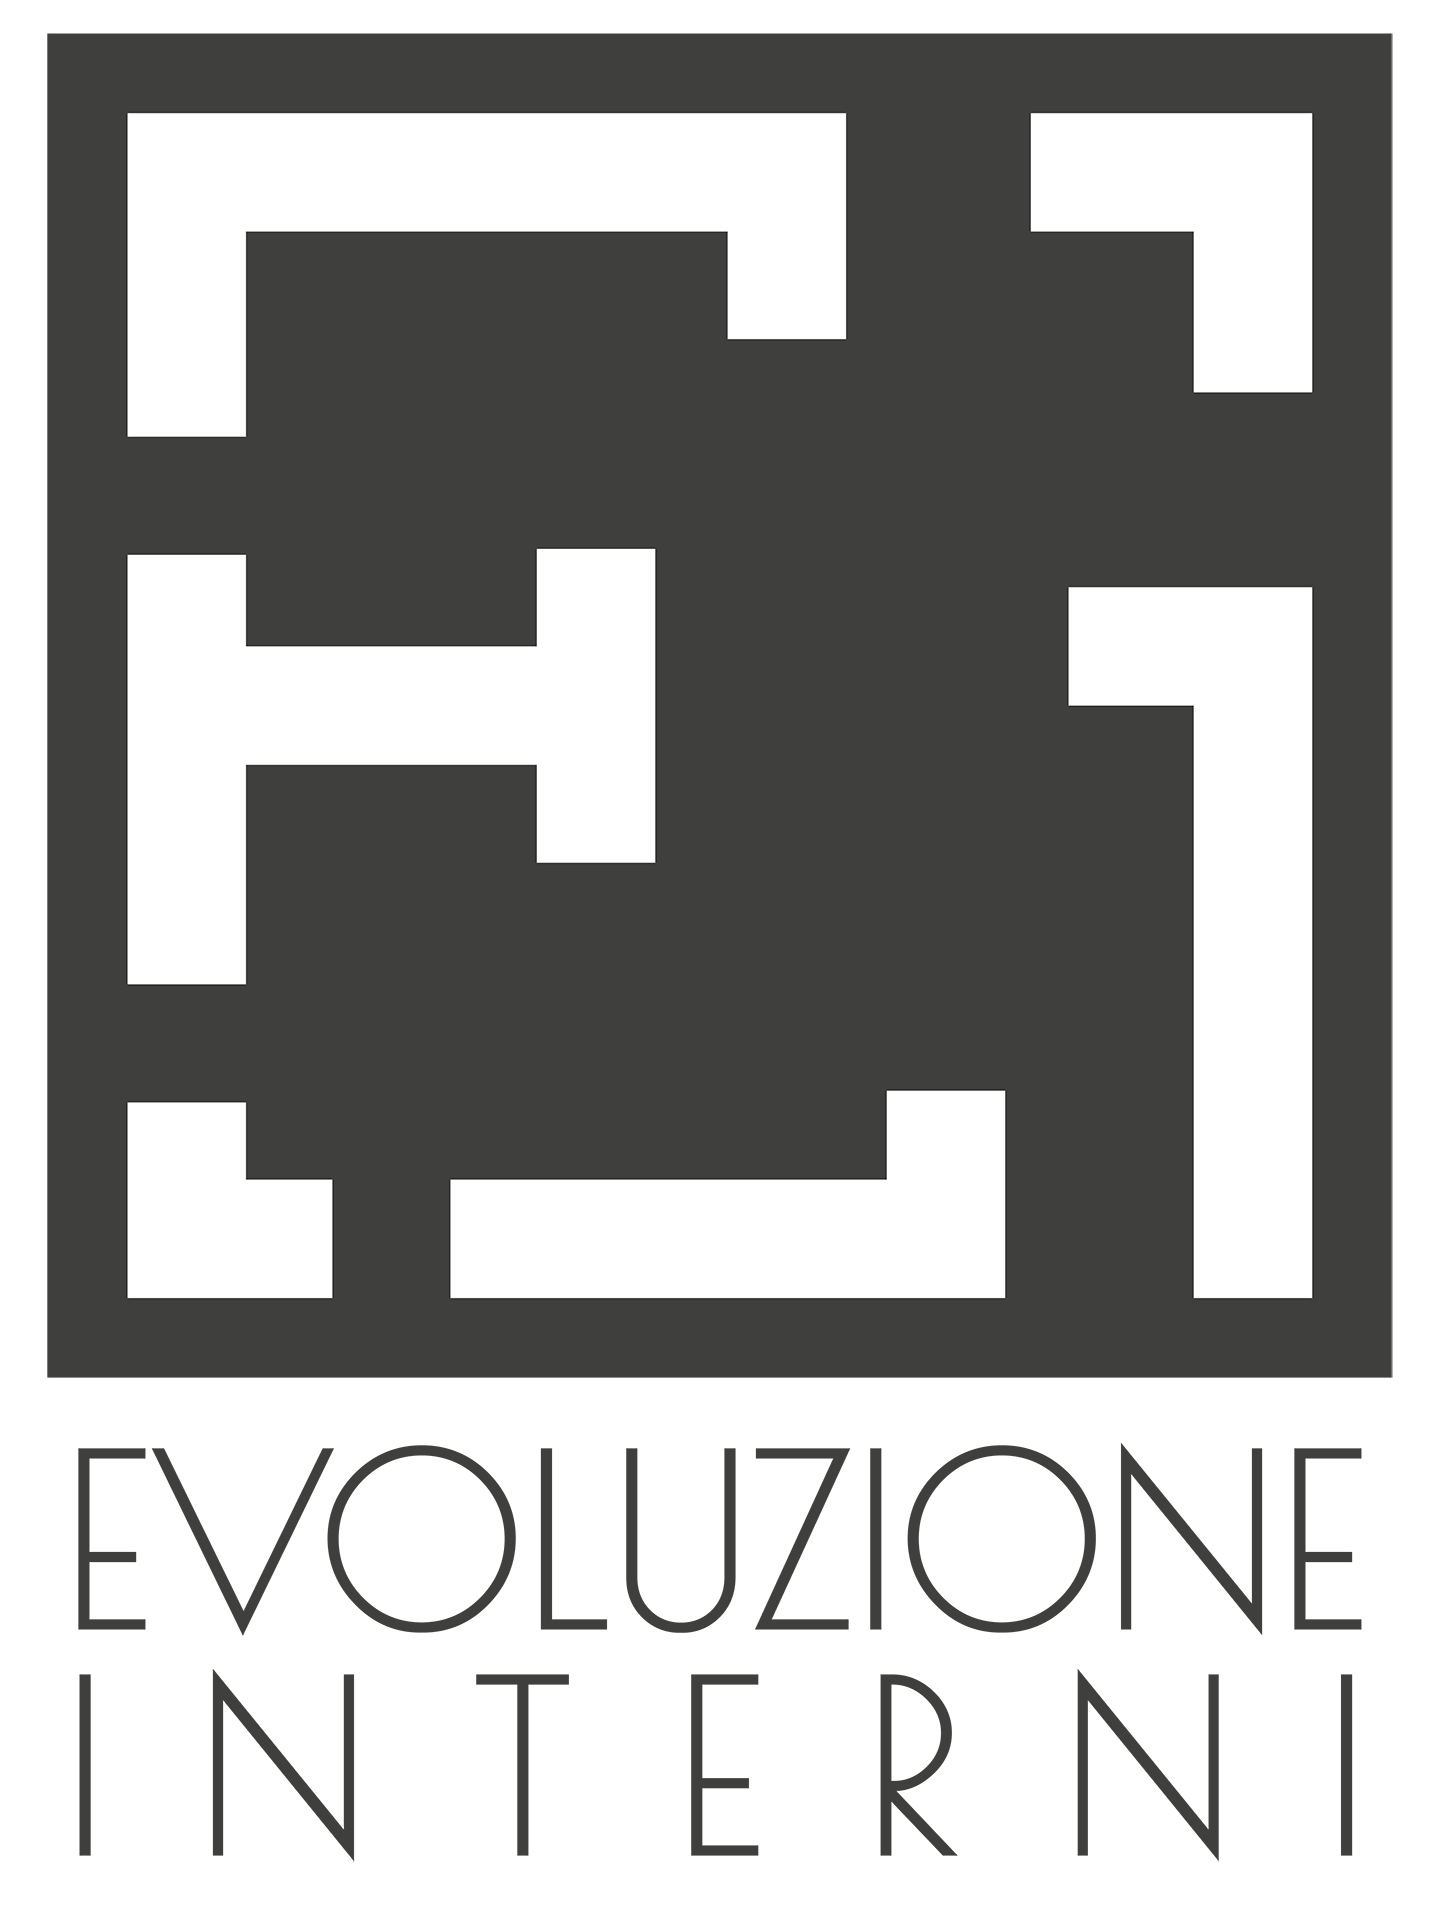 evoluzione interni | negozio di arredamento a poggibonsi, siena